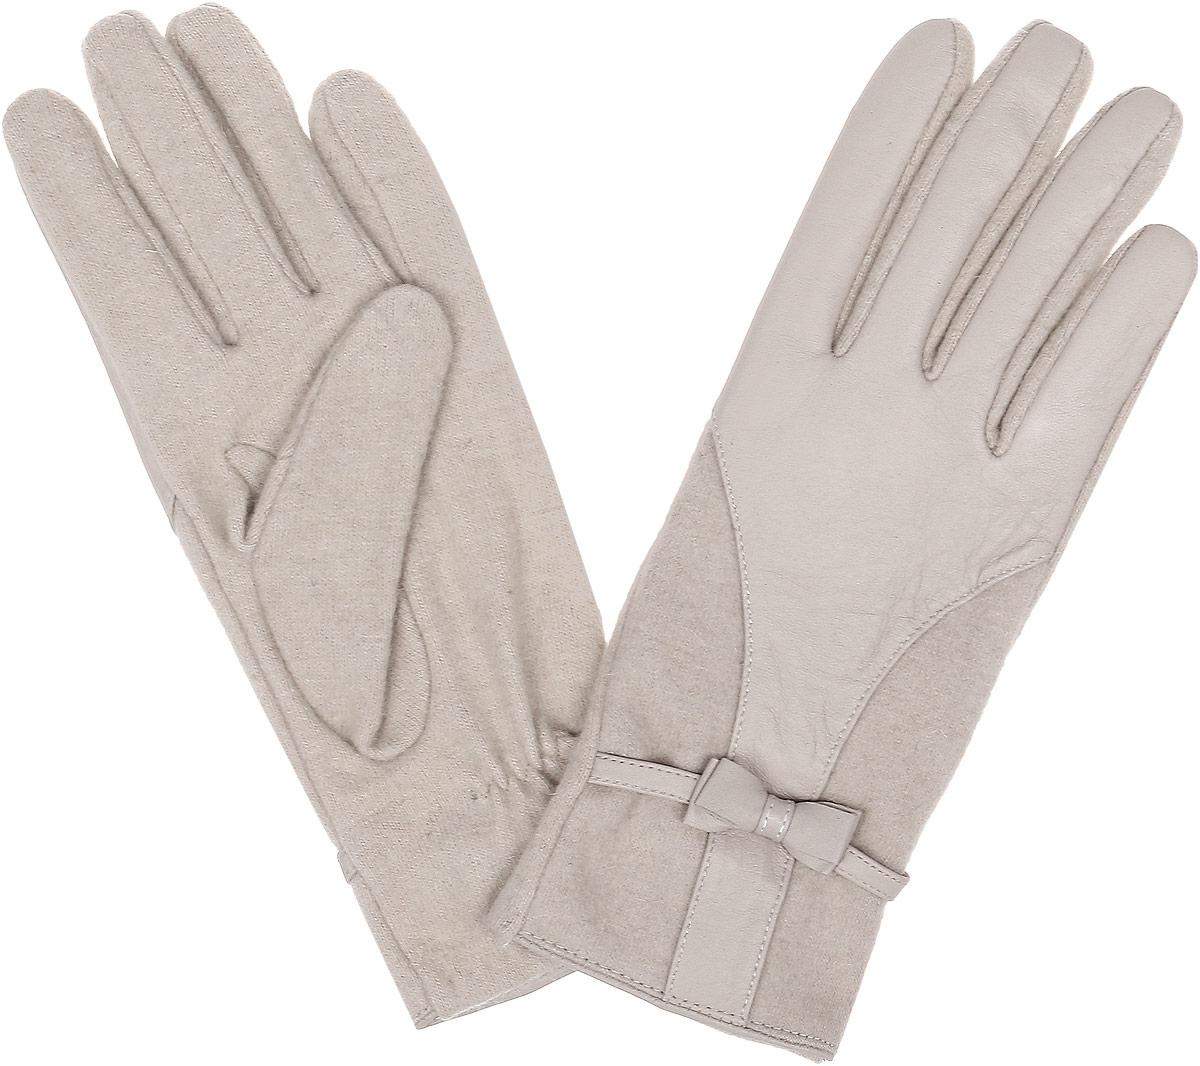 3.1-5 beigeСтильные женские перчатки Fabretti не только защитят ваши руки, но и станут великолепным украшением. Перчатки выполнены из натуральной кожи ягненка и высококачественной шерсти. Модель дополнена декоративным бантиком. Перчатки имеют строчки- стежки на запястье, которые придают большее удобство при носке. Стильный аксессуар для повседневного образа.